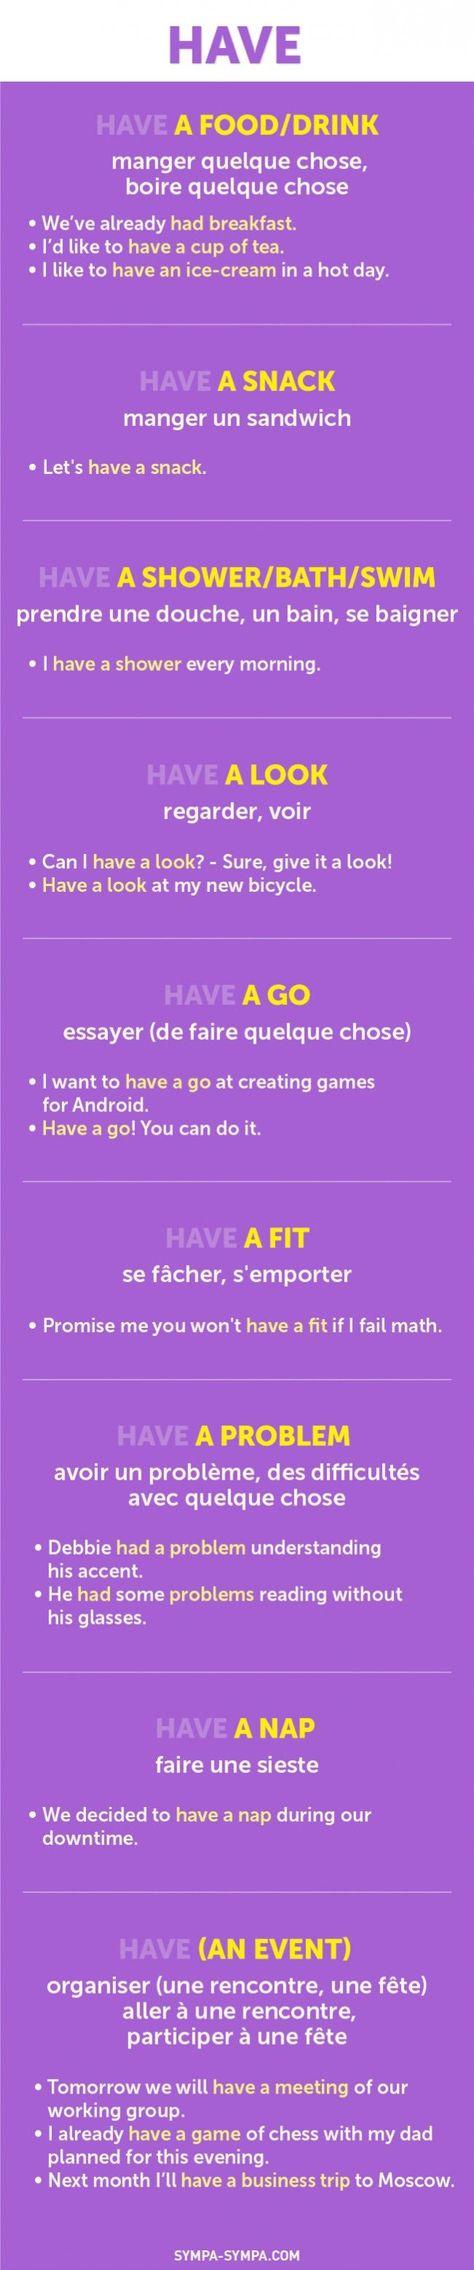 essayer faire quelque chose anglais Traductions en contexte de essayer de faire quelque chose en français-espagnol avec reverso context : ou je peux essayer de faire quelque chose pour.